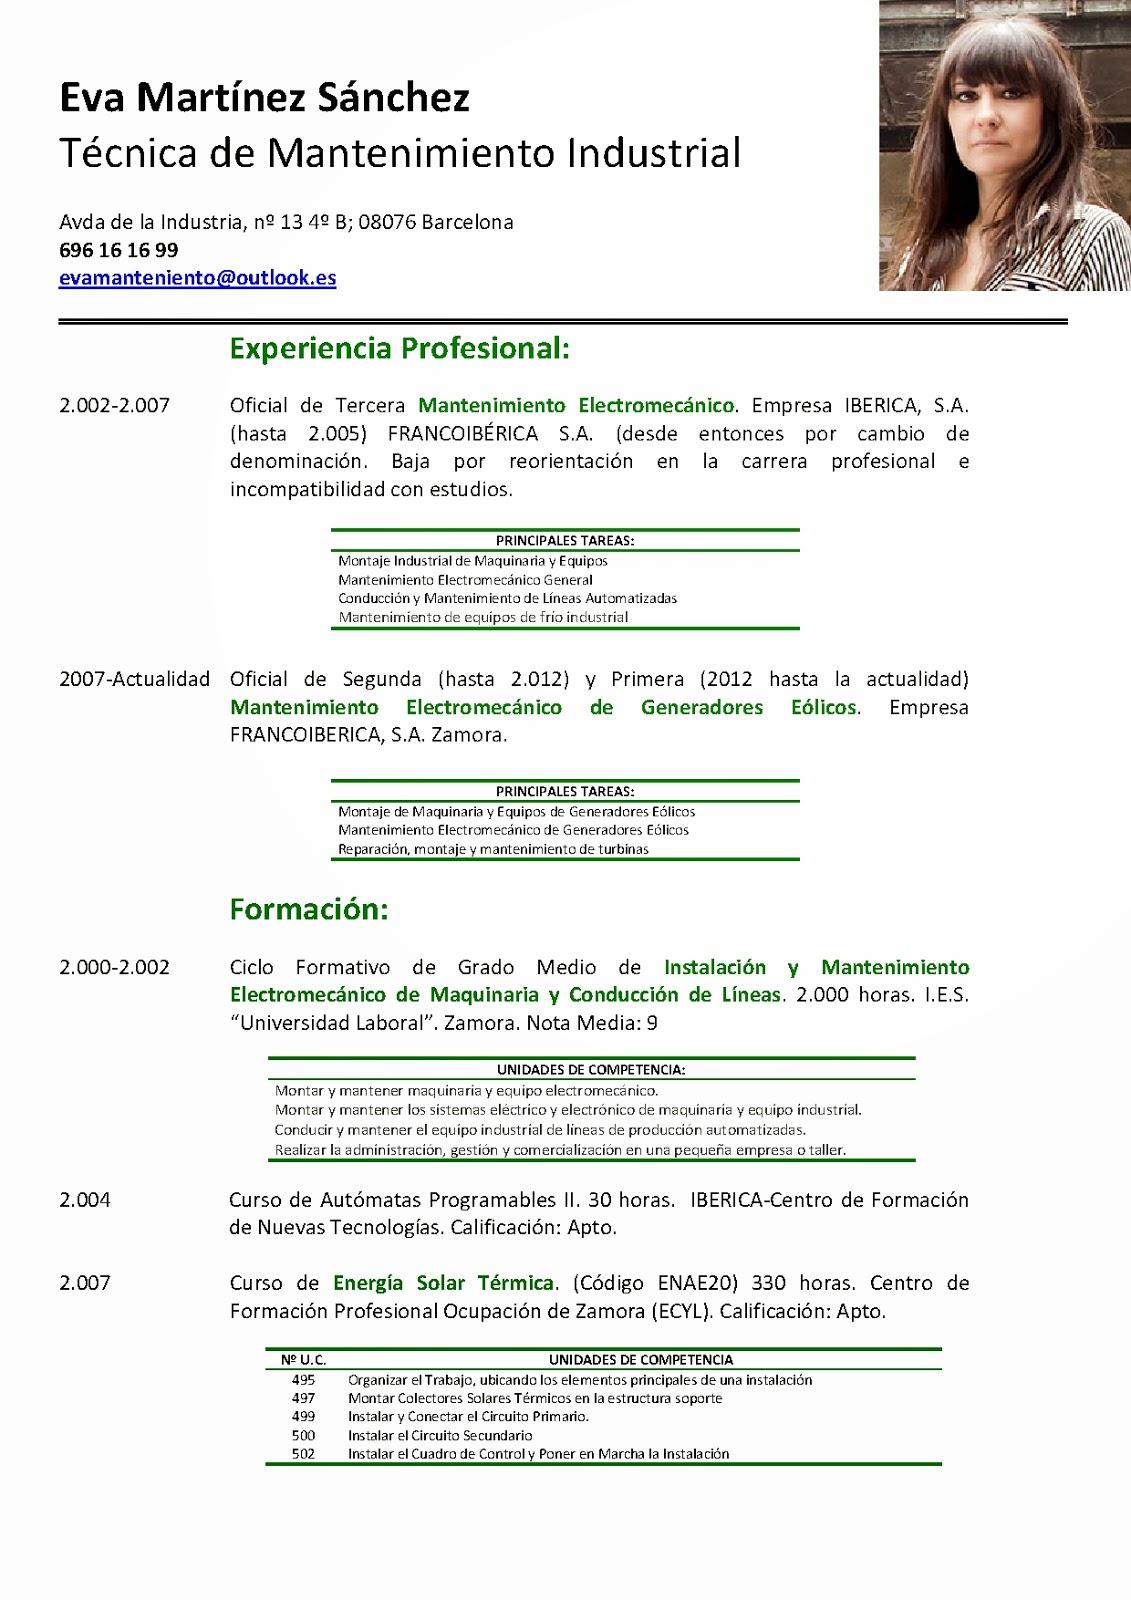 Mírate el ombligo: Curriculum por Competencias: